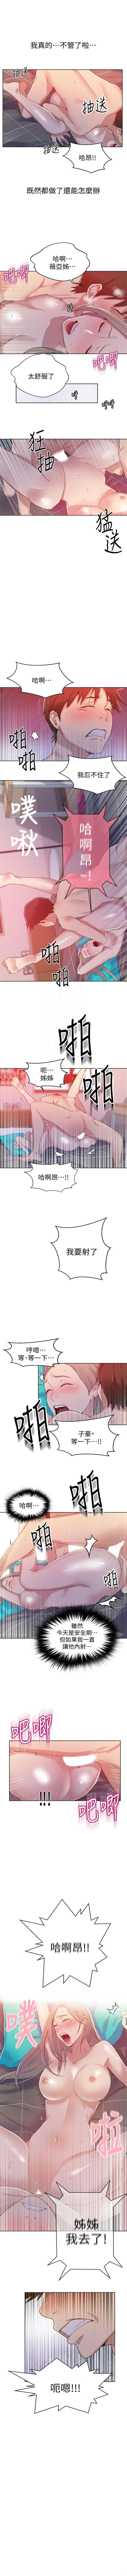 (週6)秘密教學  1-35 中文翻譯 (更新中) 112